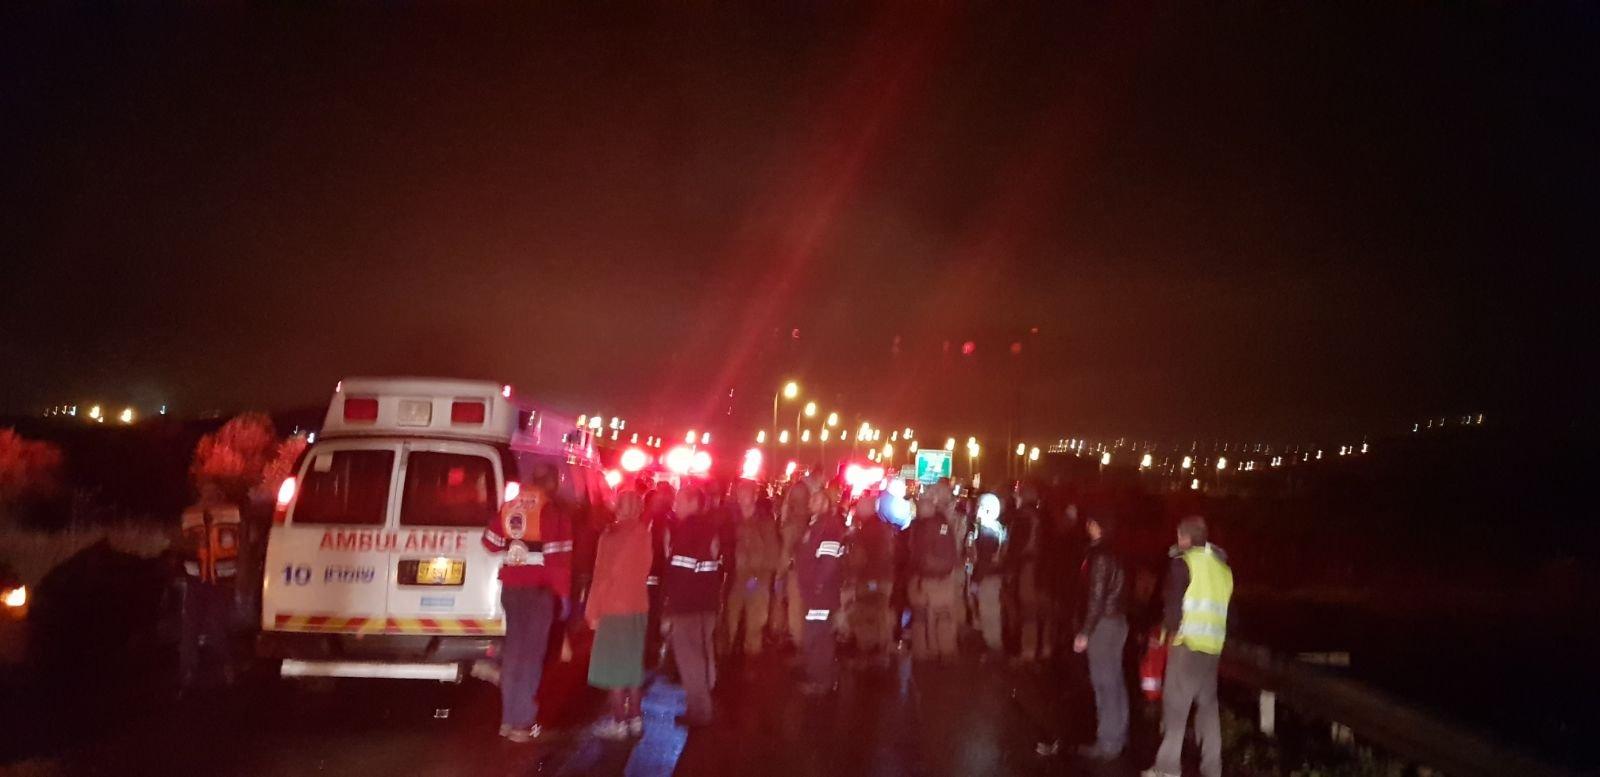 طفلان إسرائيليان وشاب فلسطيني قتلى حادث نابلس .. وإصابة 9 آخرين